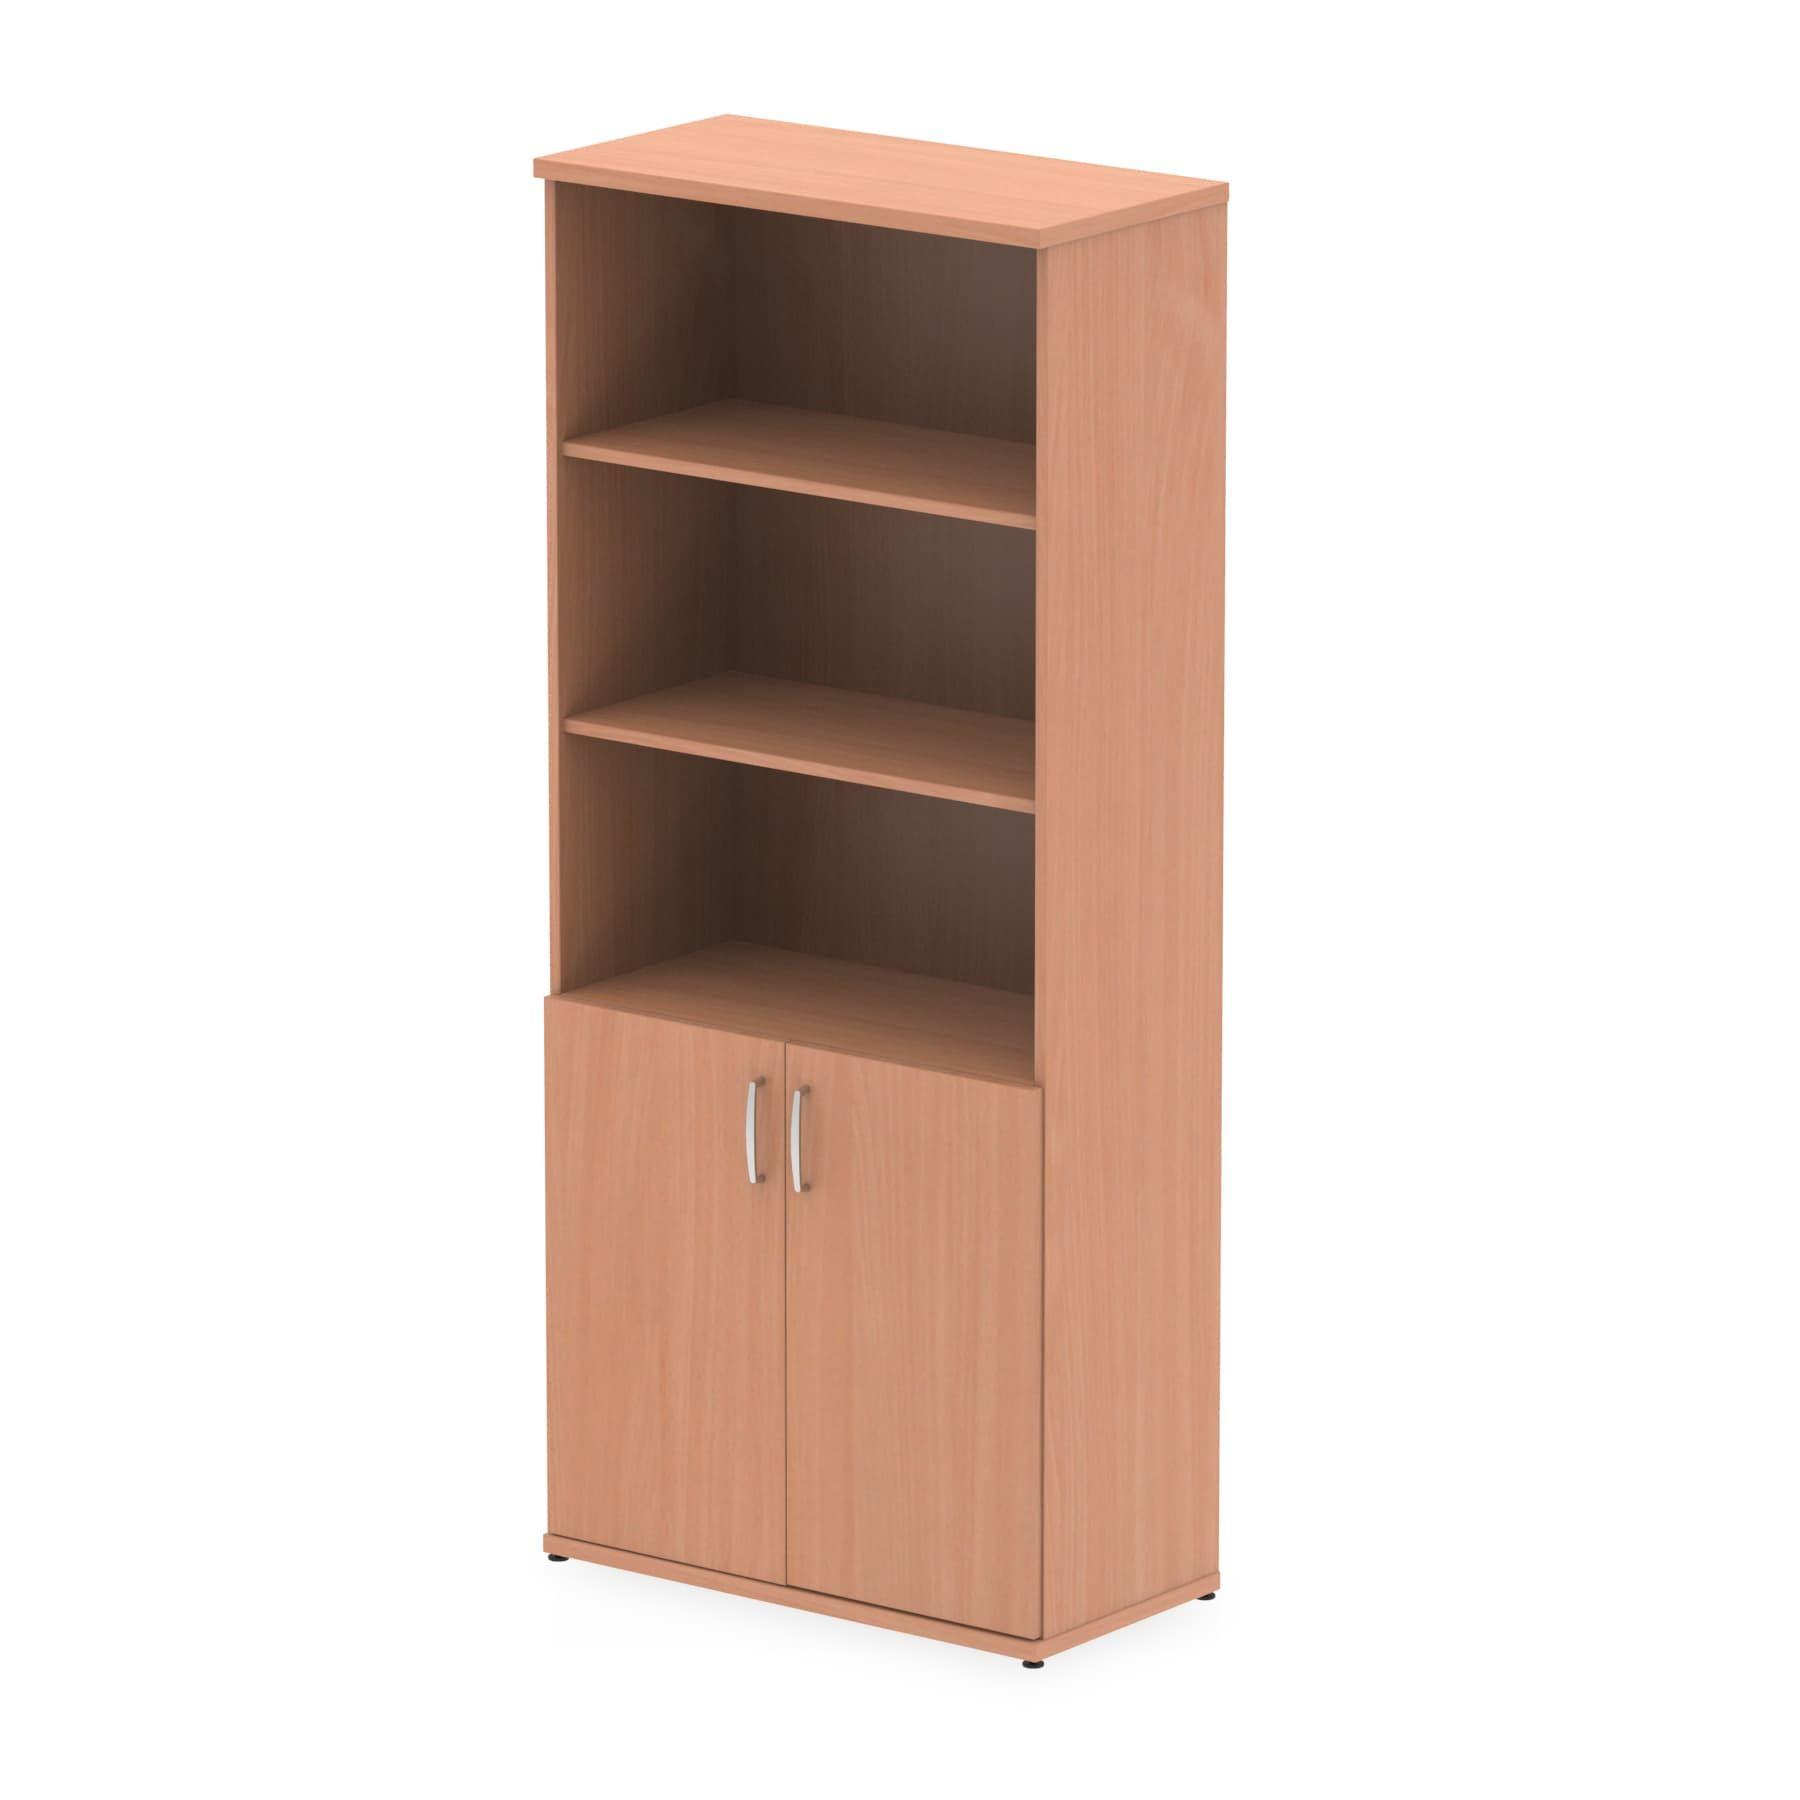 Impulse 2000 Cupboard Open Shelves